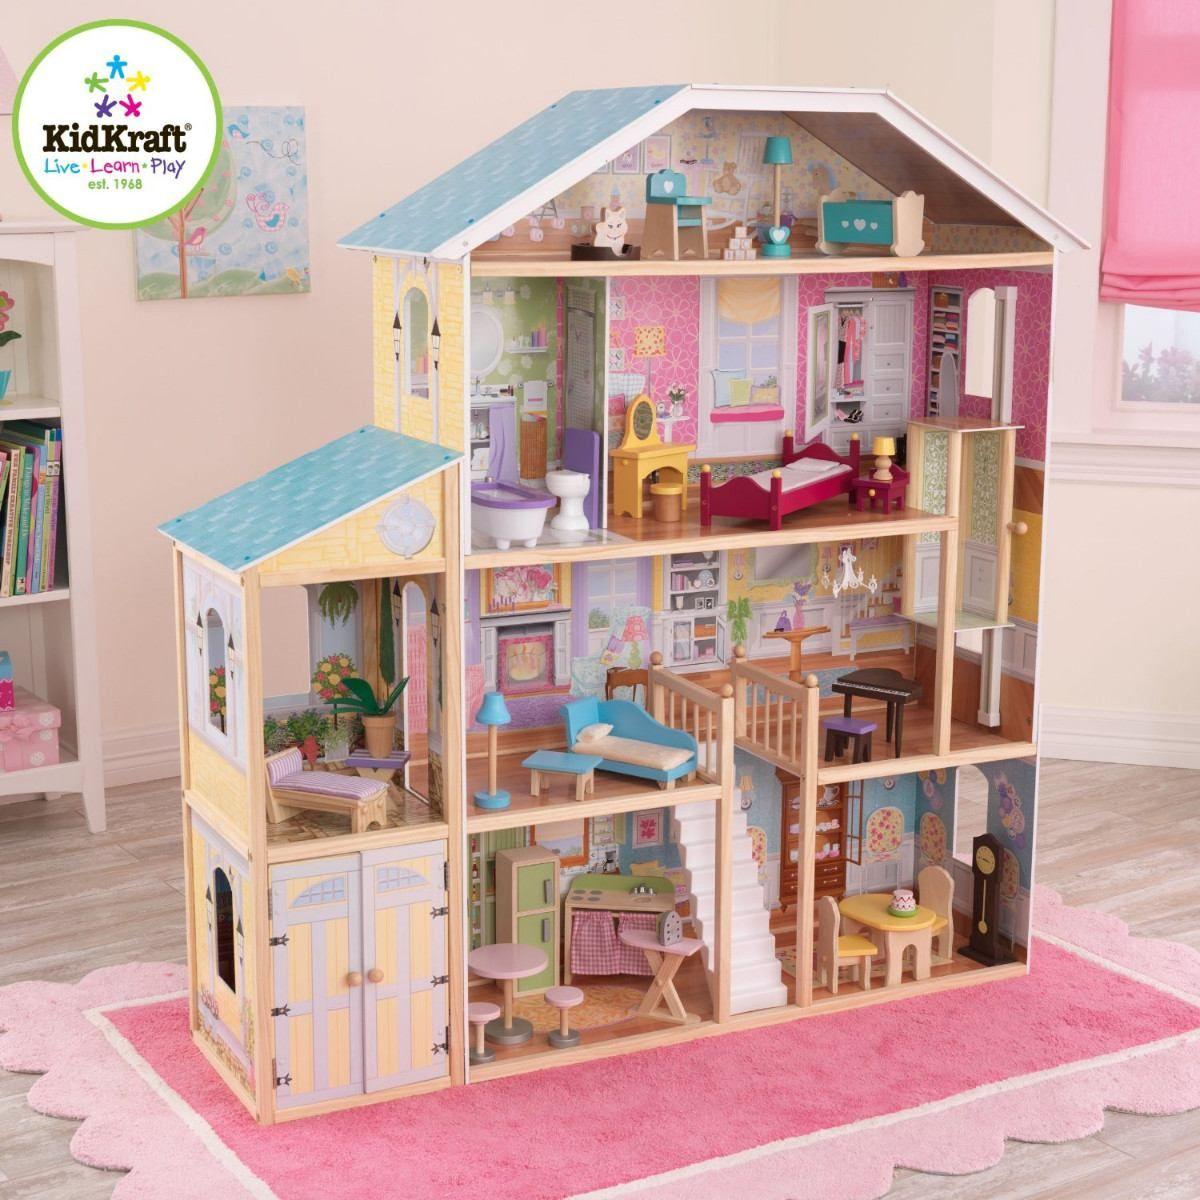 casita de juguete muñecas kidkraft majestic mod. 65252 fn4